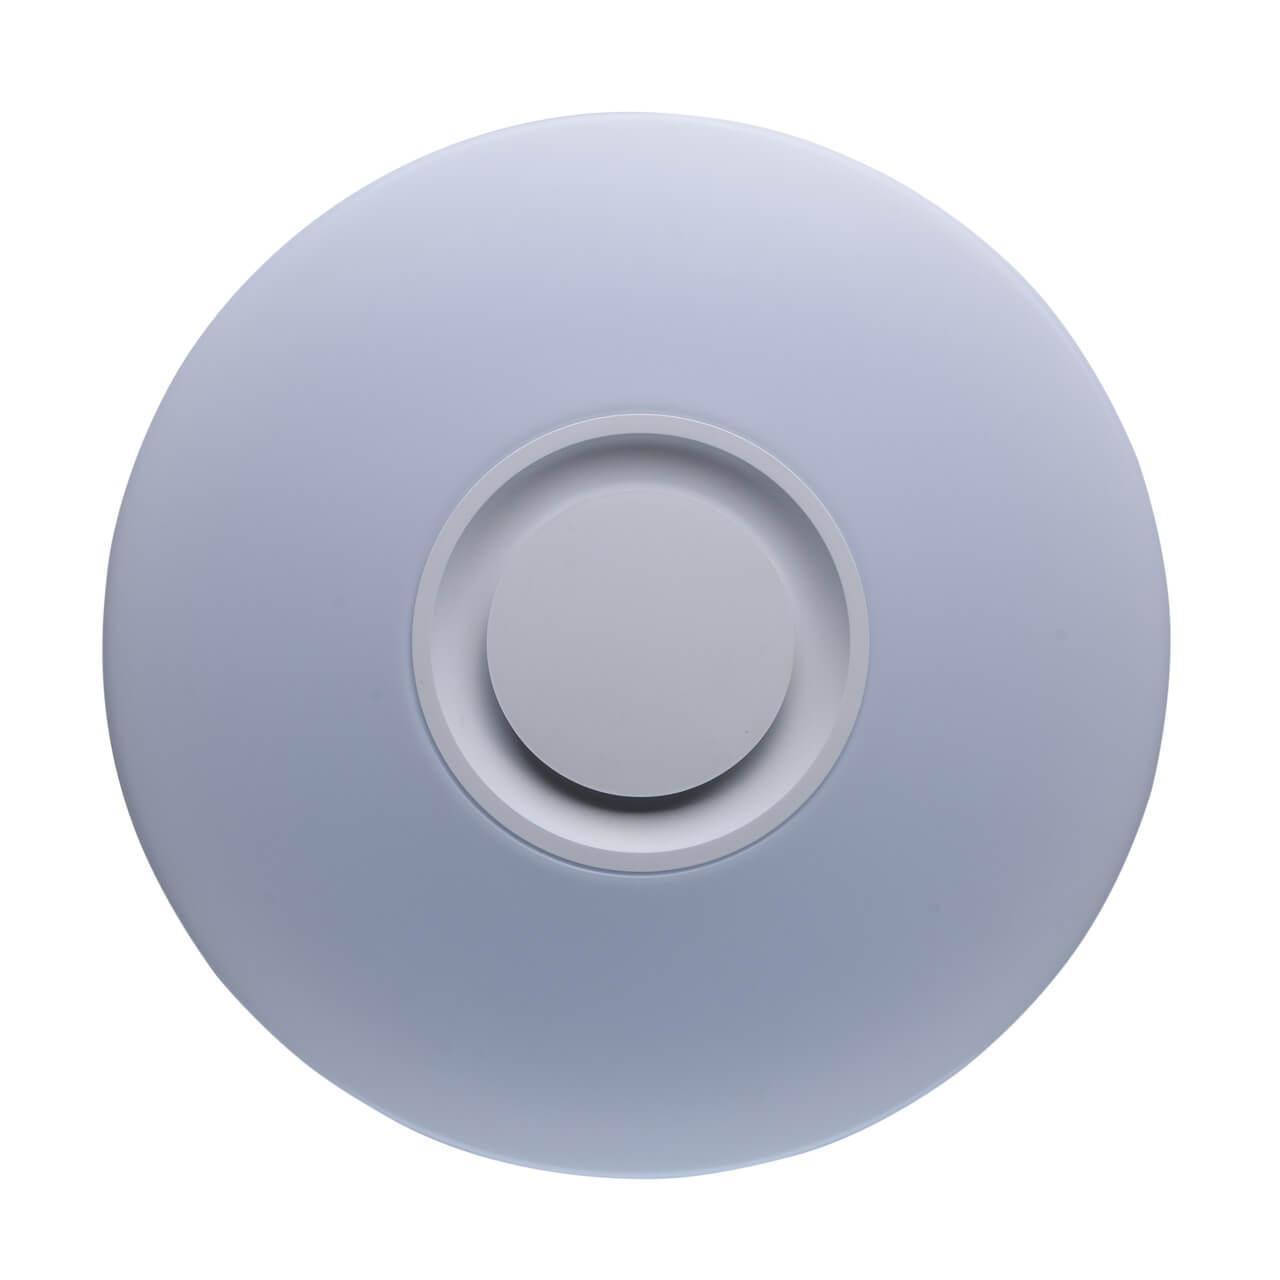 Потолочный светильник De Markt 660012301, белый цена